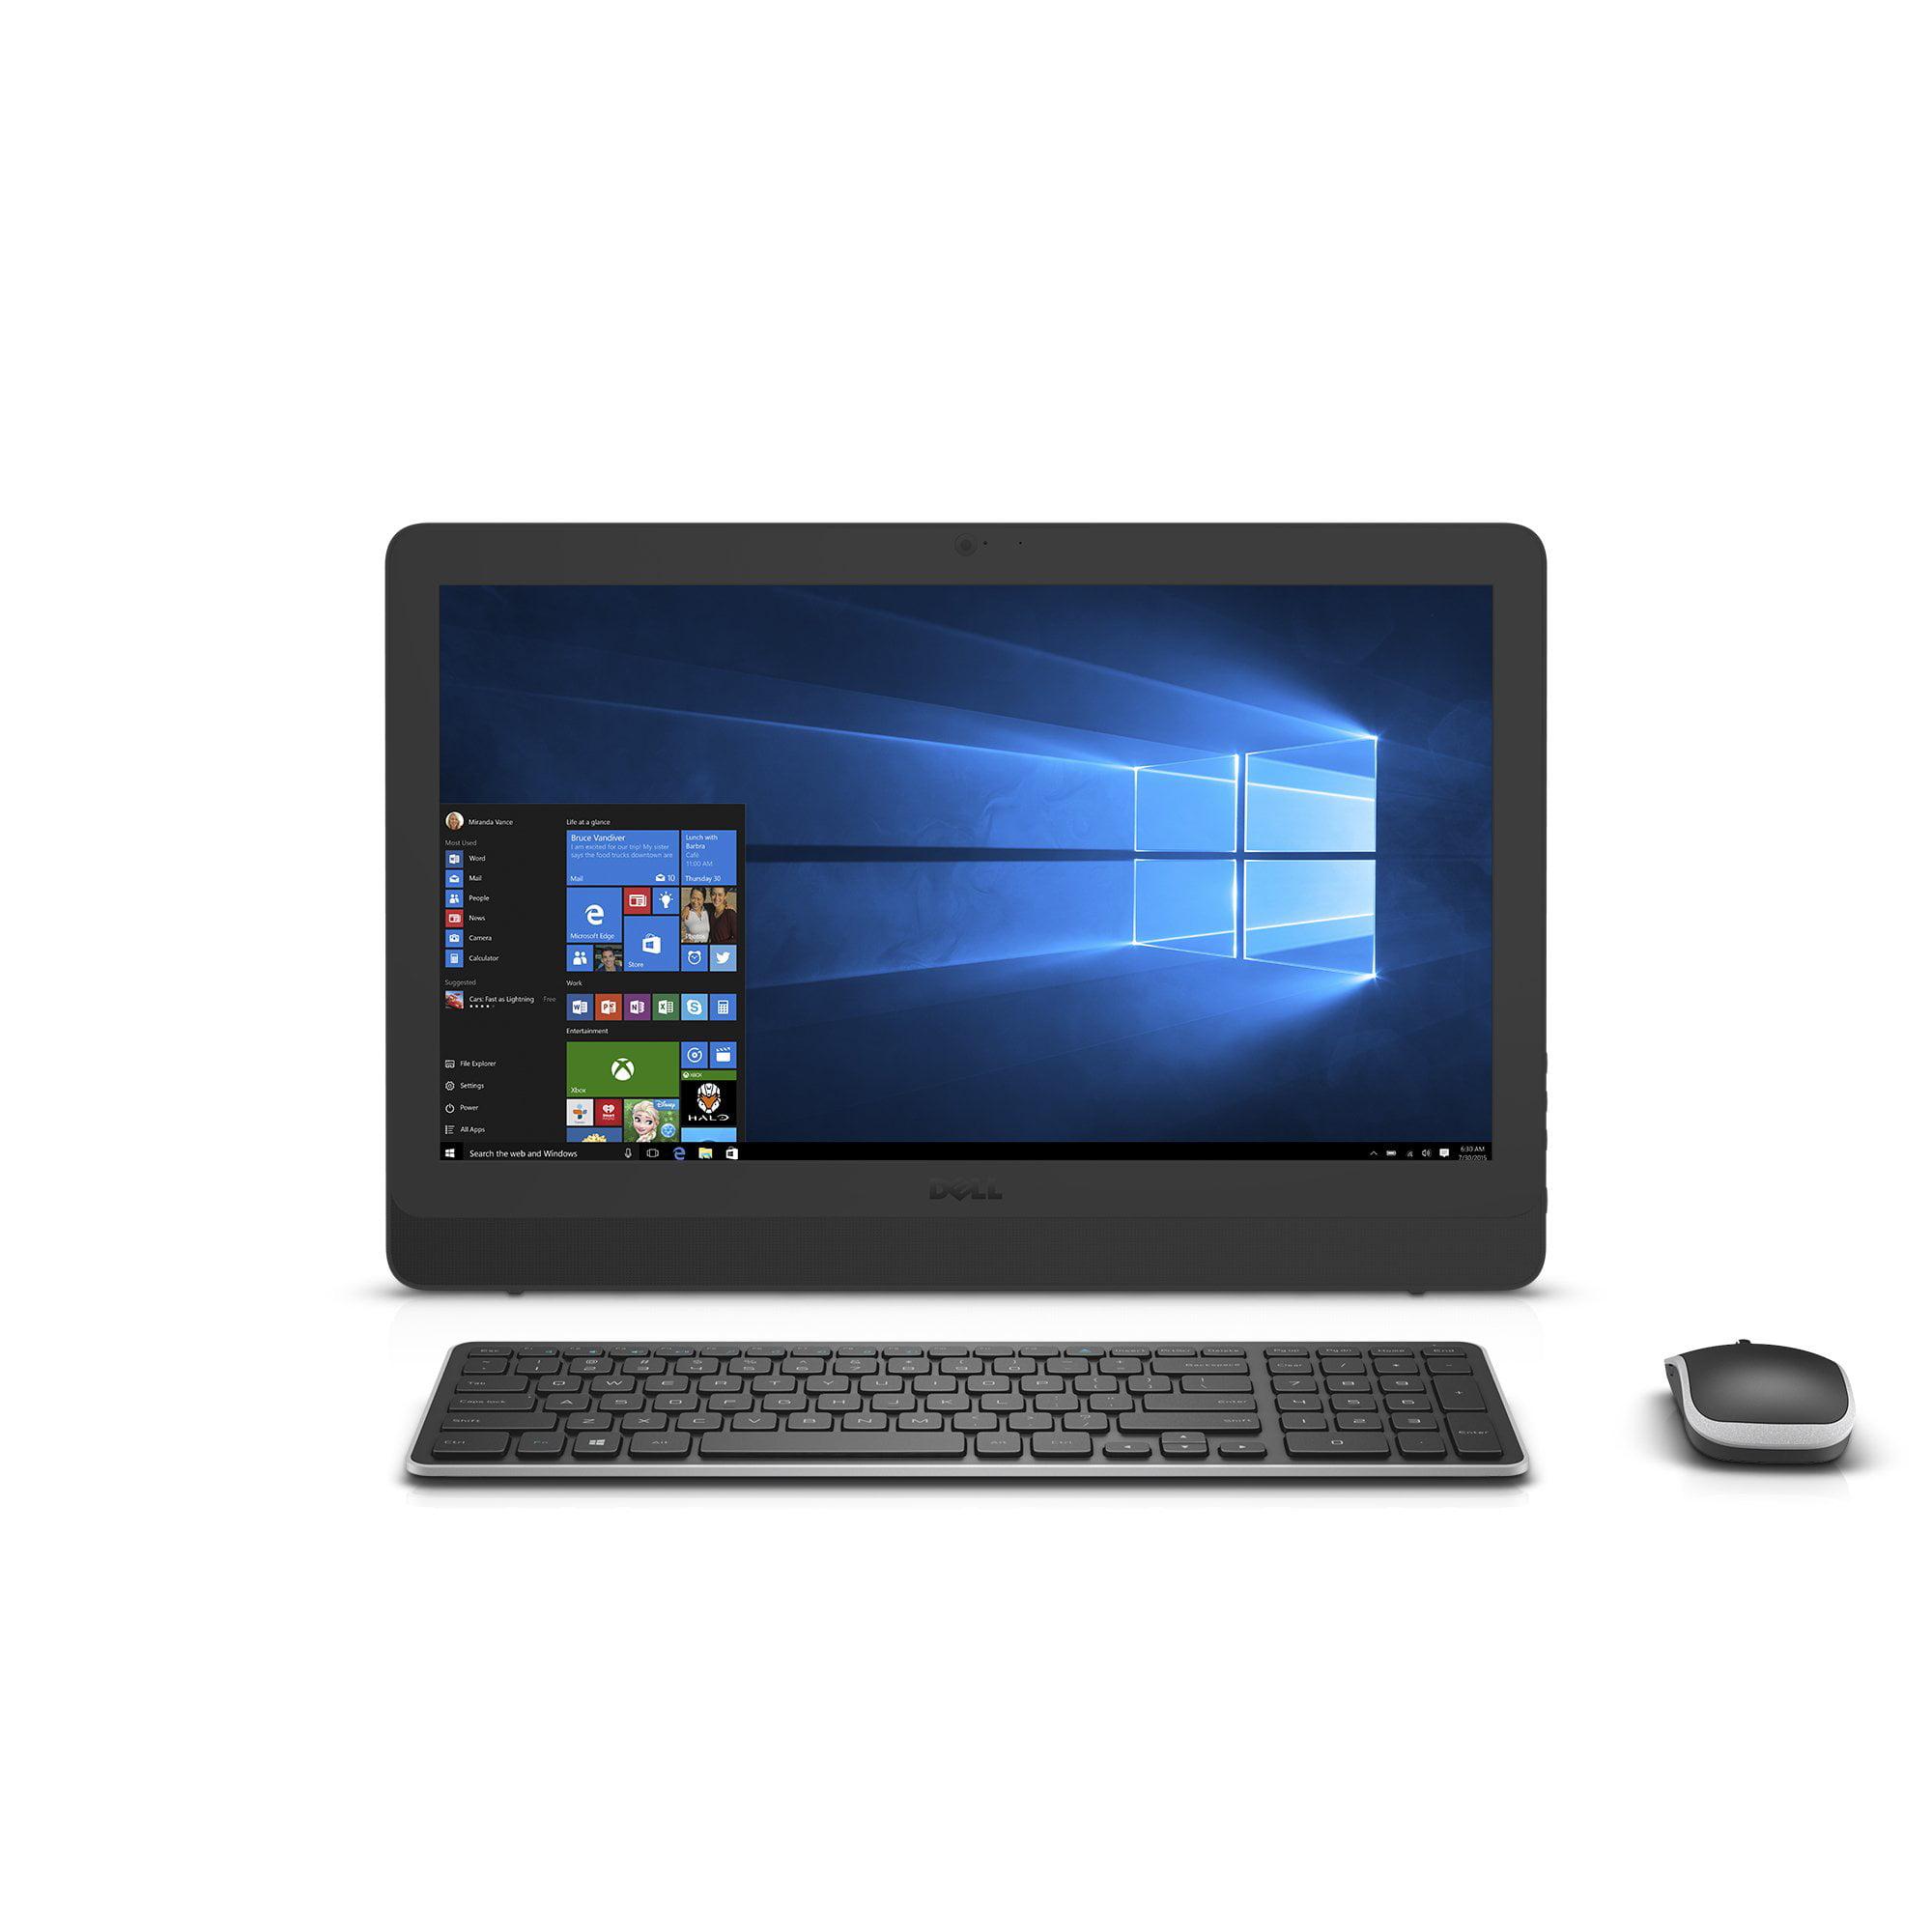 Dell Personal Computer Www Pixshark Com Images